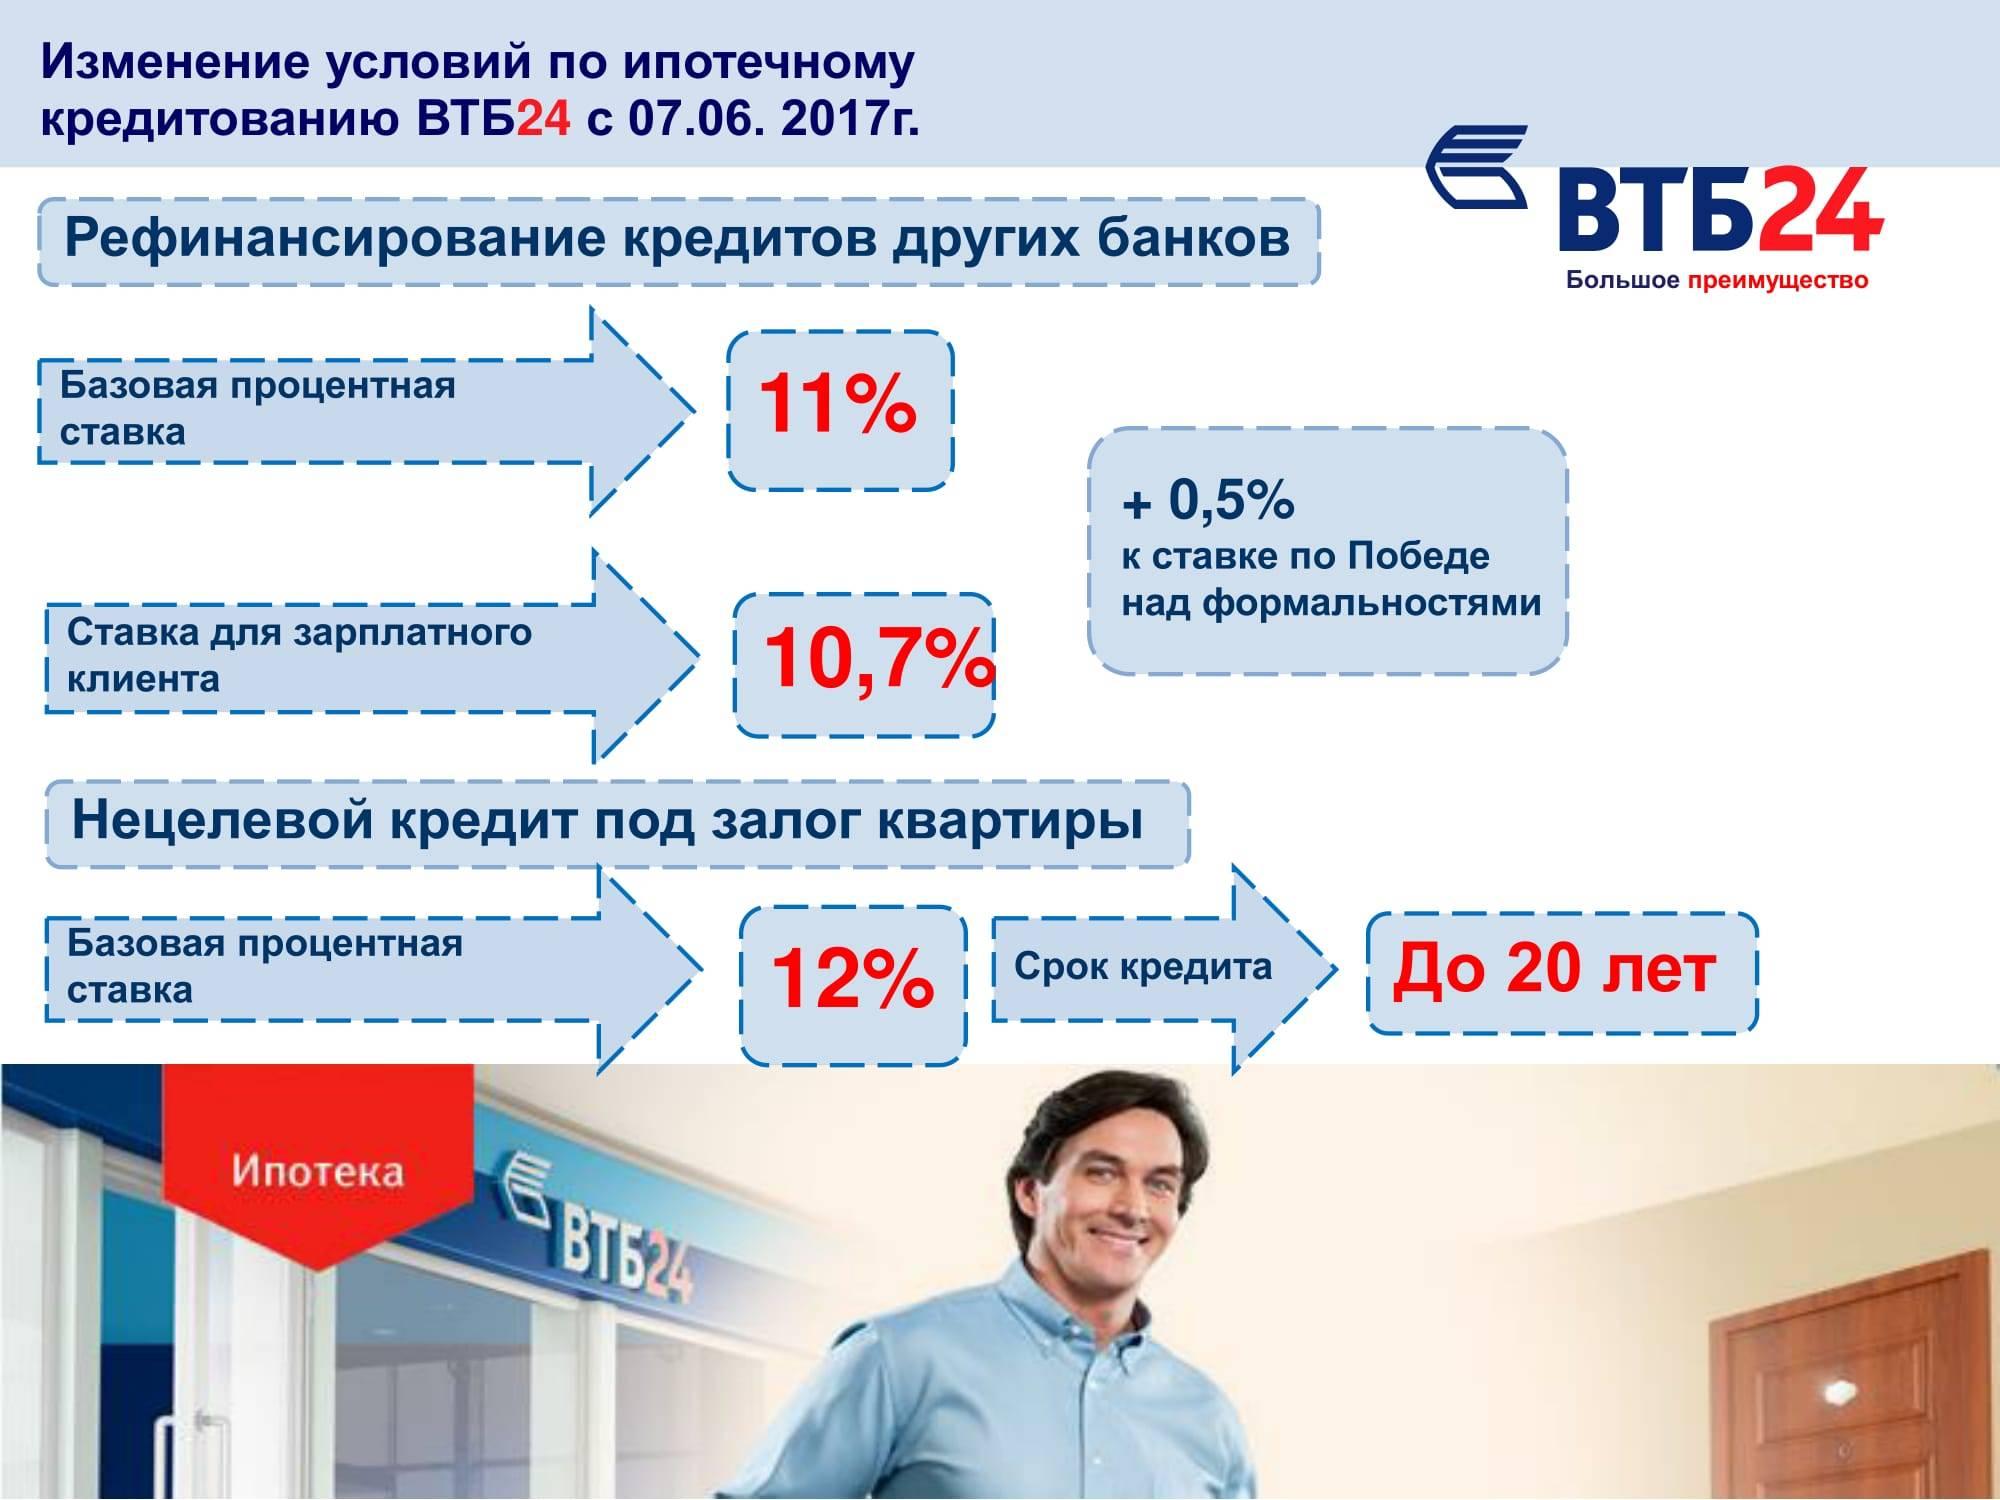 Ипотечные каникулы в банке втб:условия,как получить,как оформить